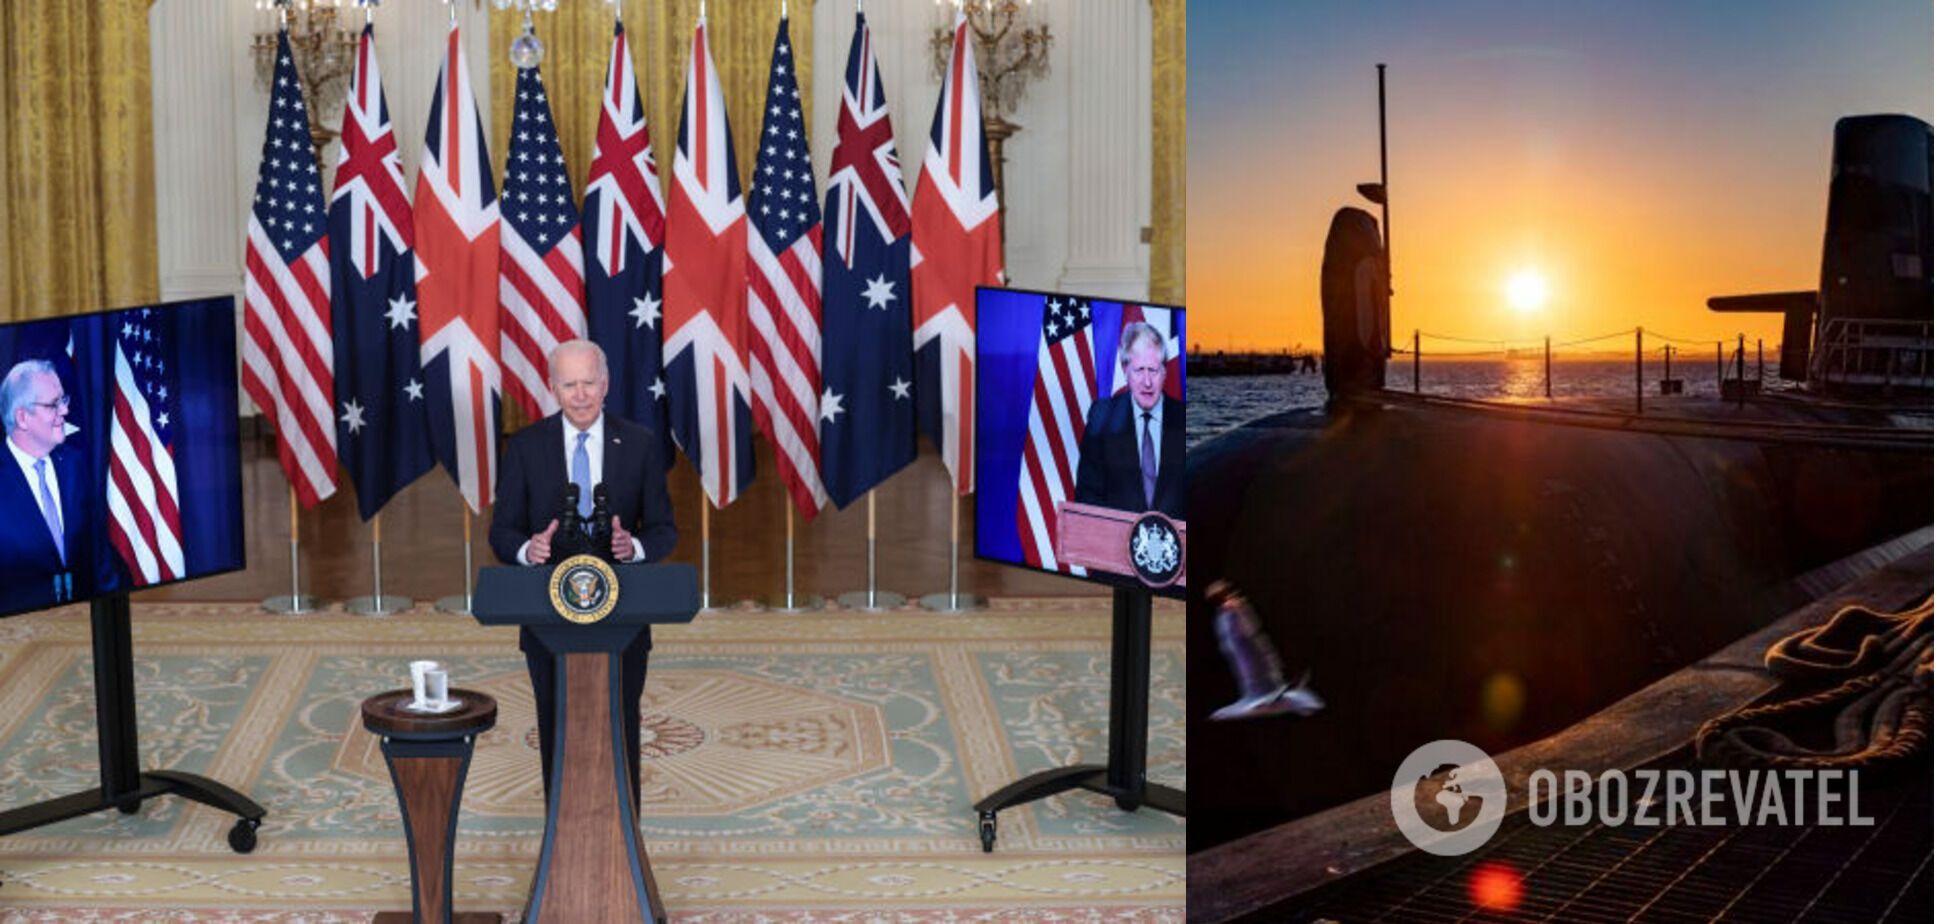 Австралия, США и Британия заключили новый оборонительный союз – AUKUS